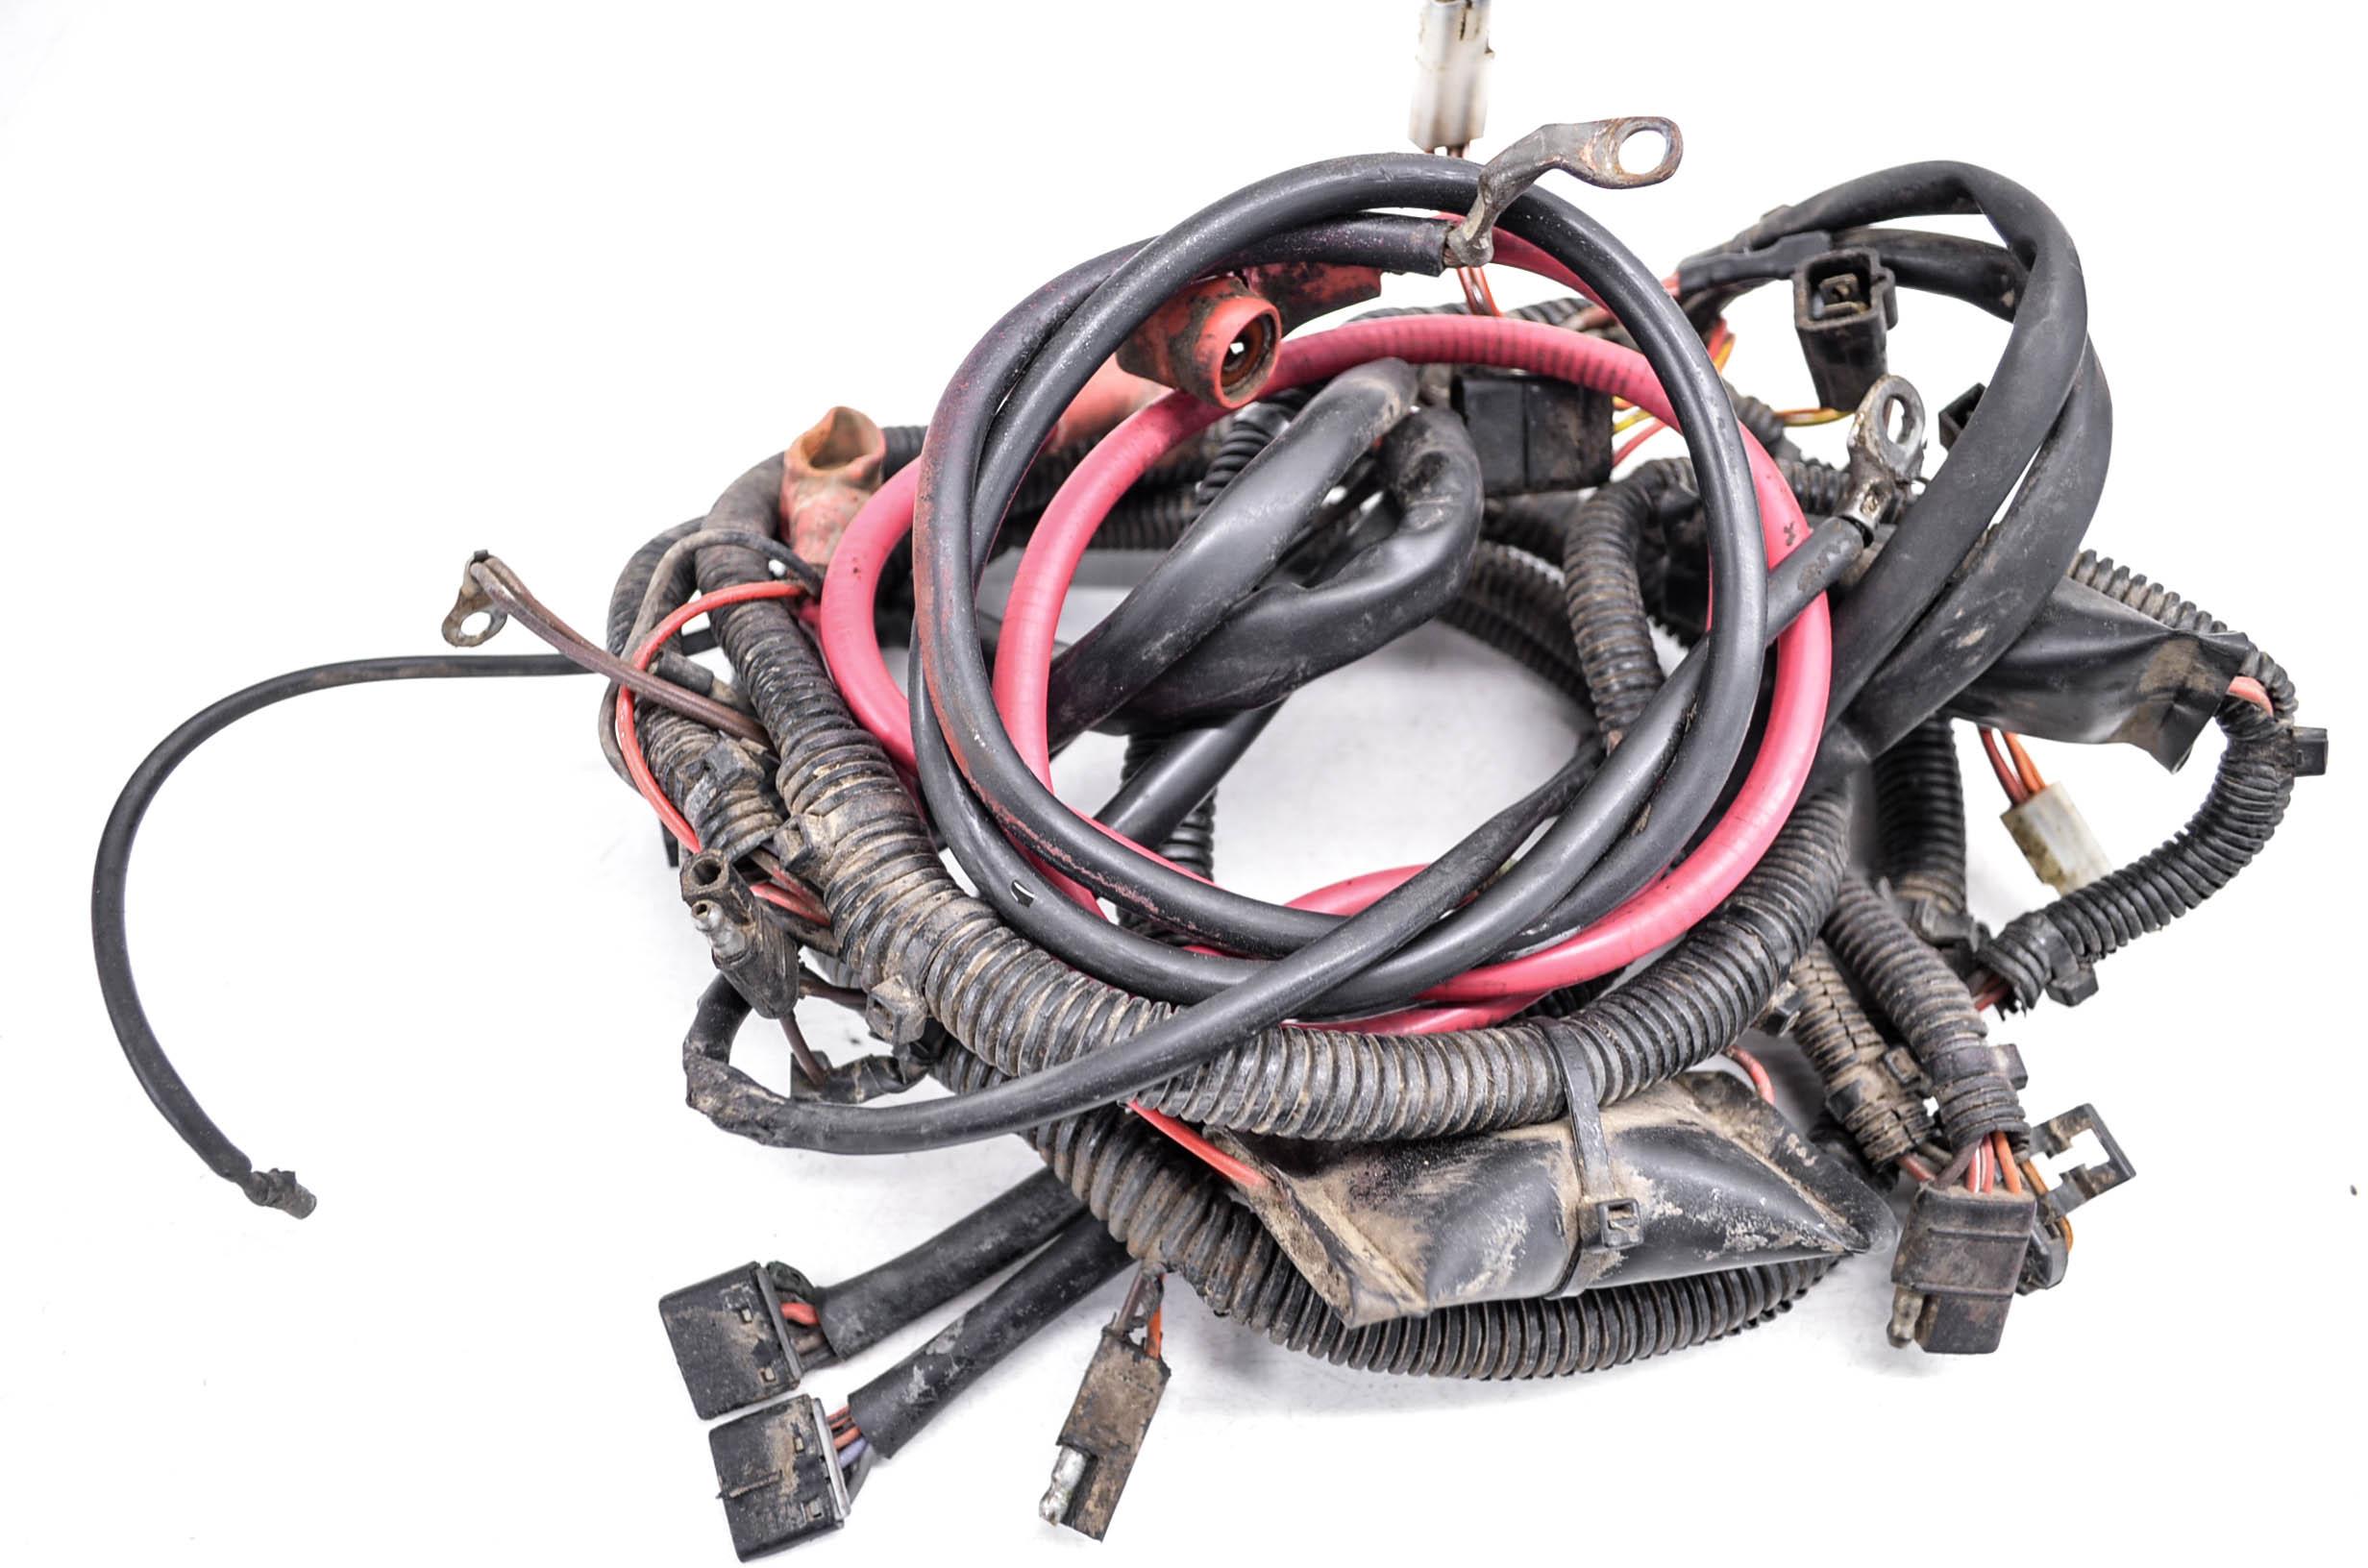 03 Polaris Trail Blazer 400 2x4 Wire Harness Electrical Wiring